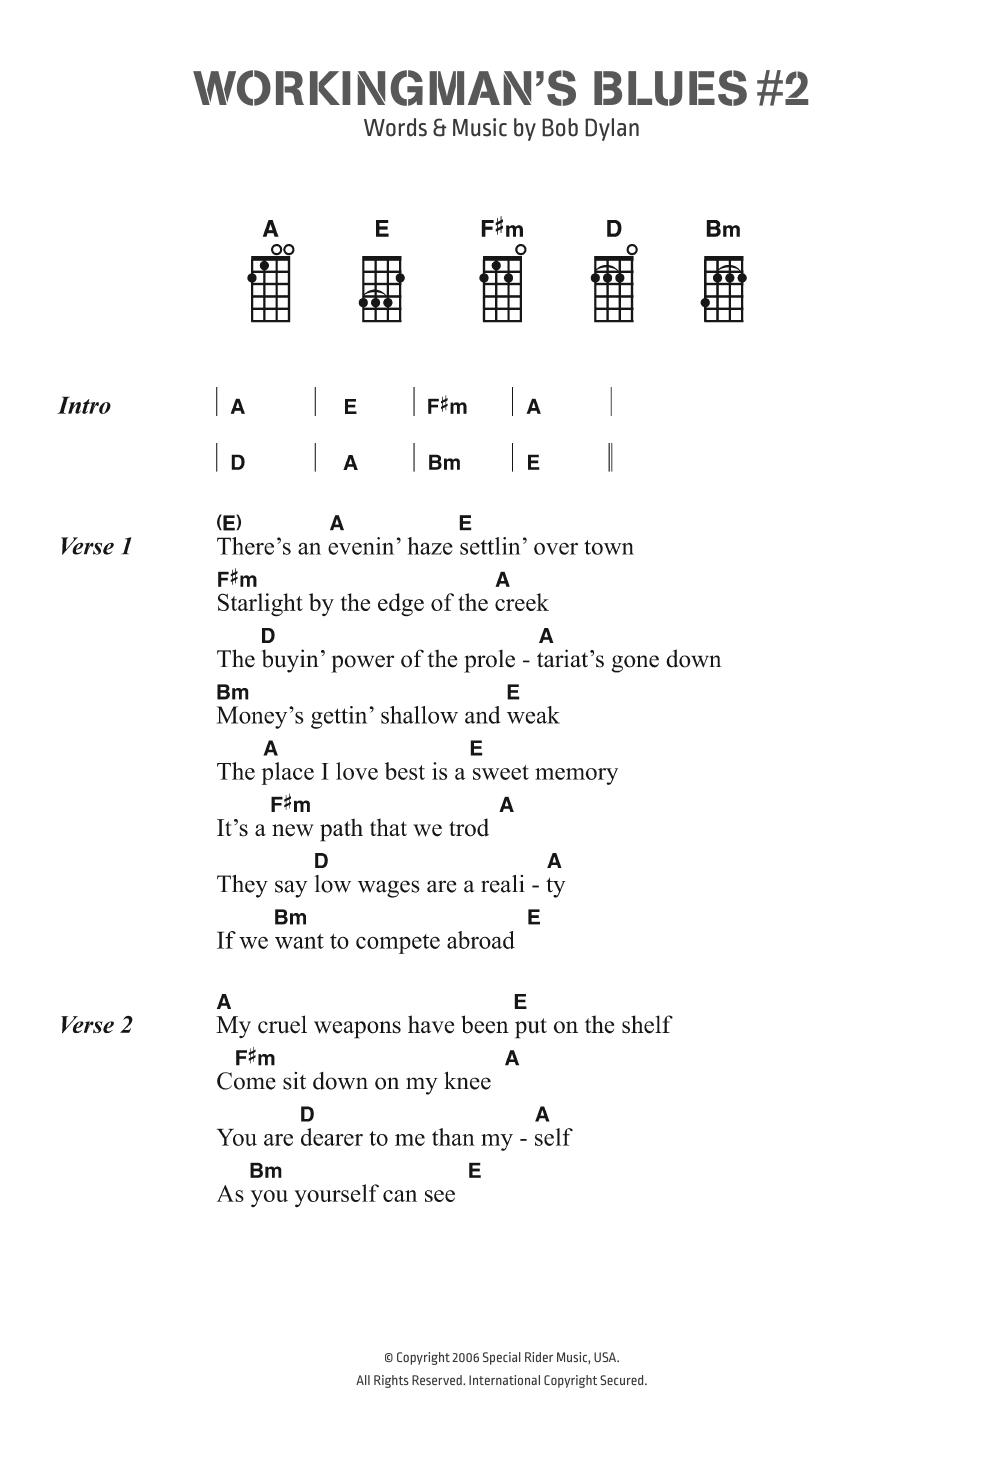 Workingman's Blues # 2 Sheet Music